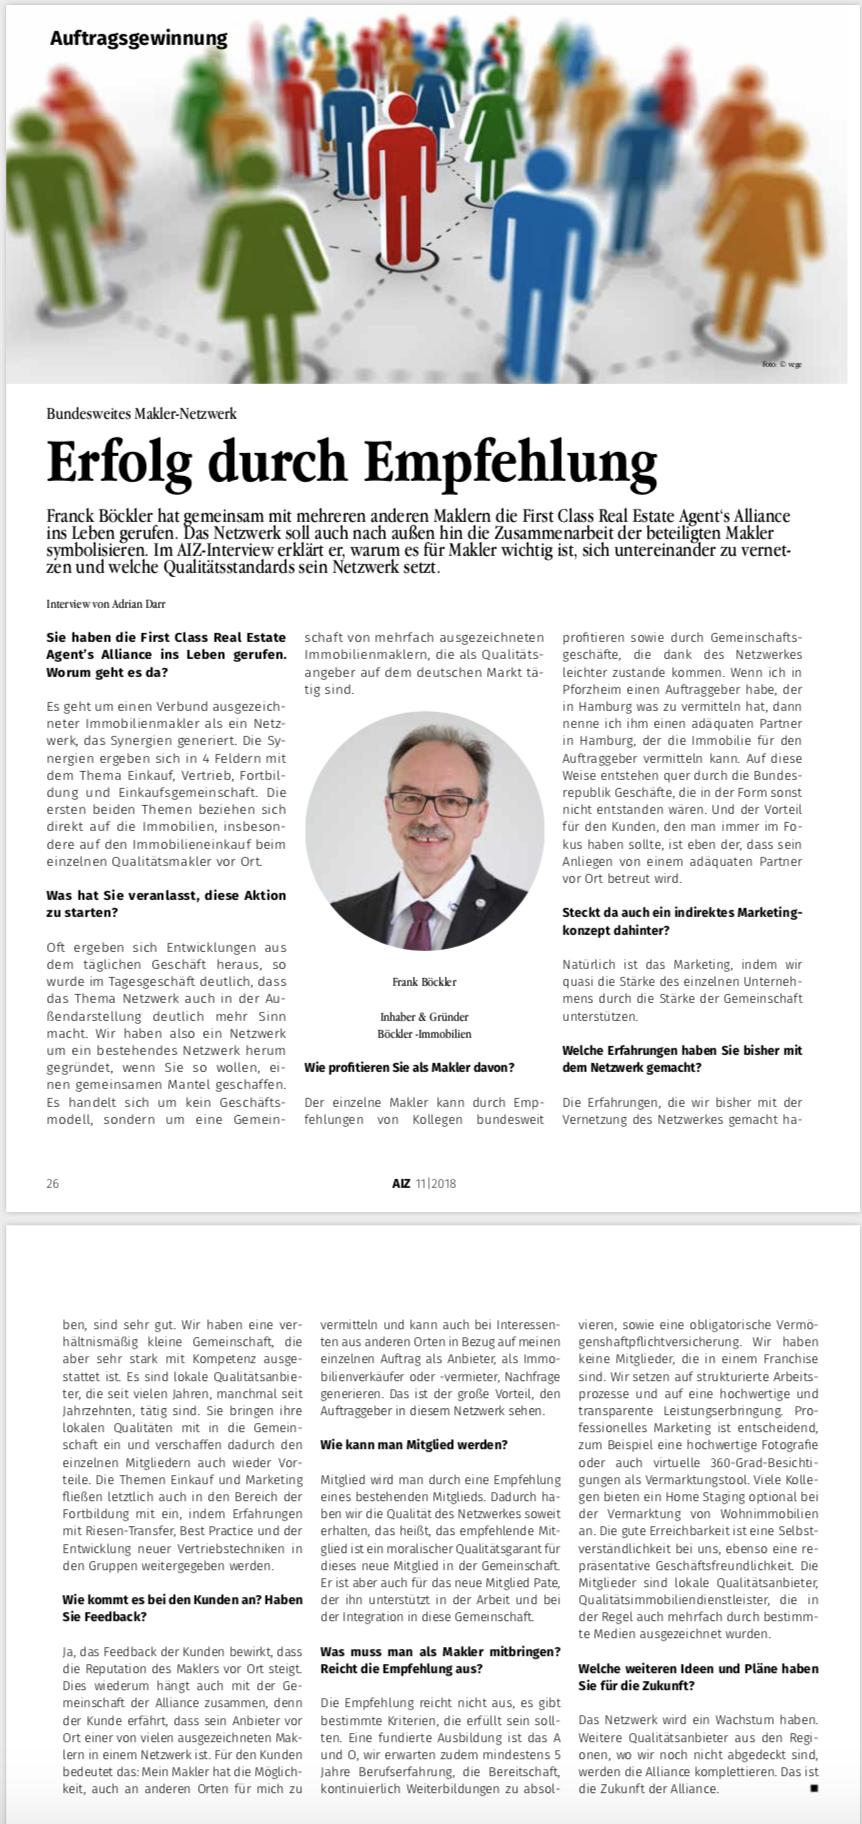 Frank Böckler Makler Netzwerk als Erfolgsfaktor Immobilienmakler